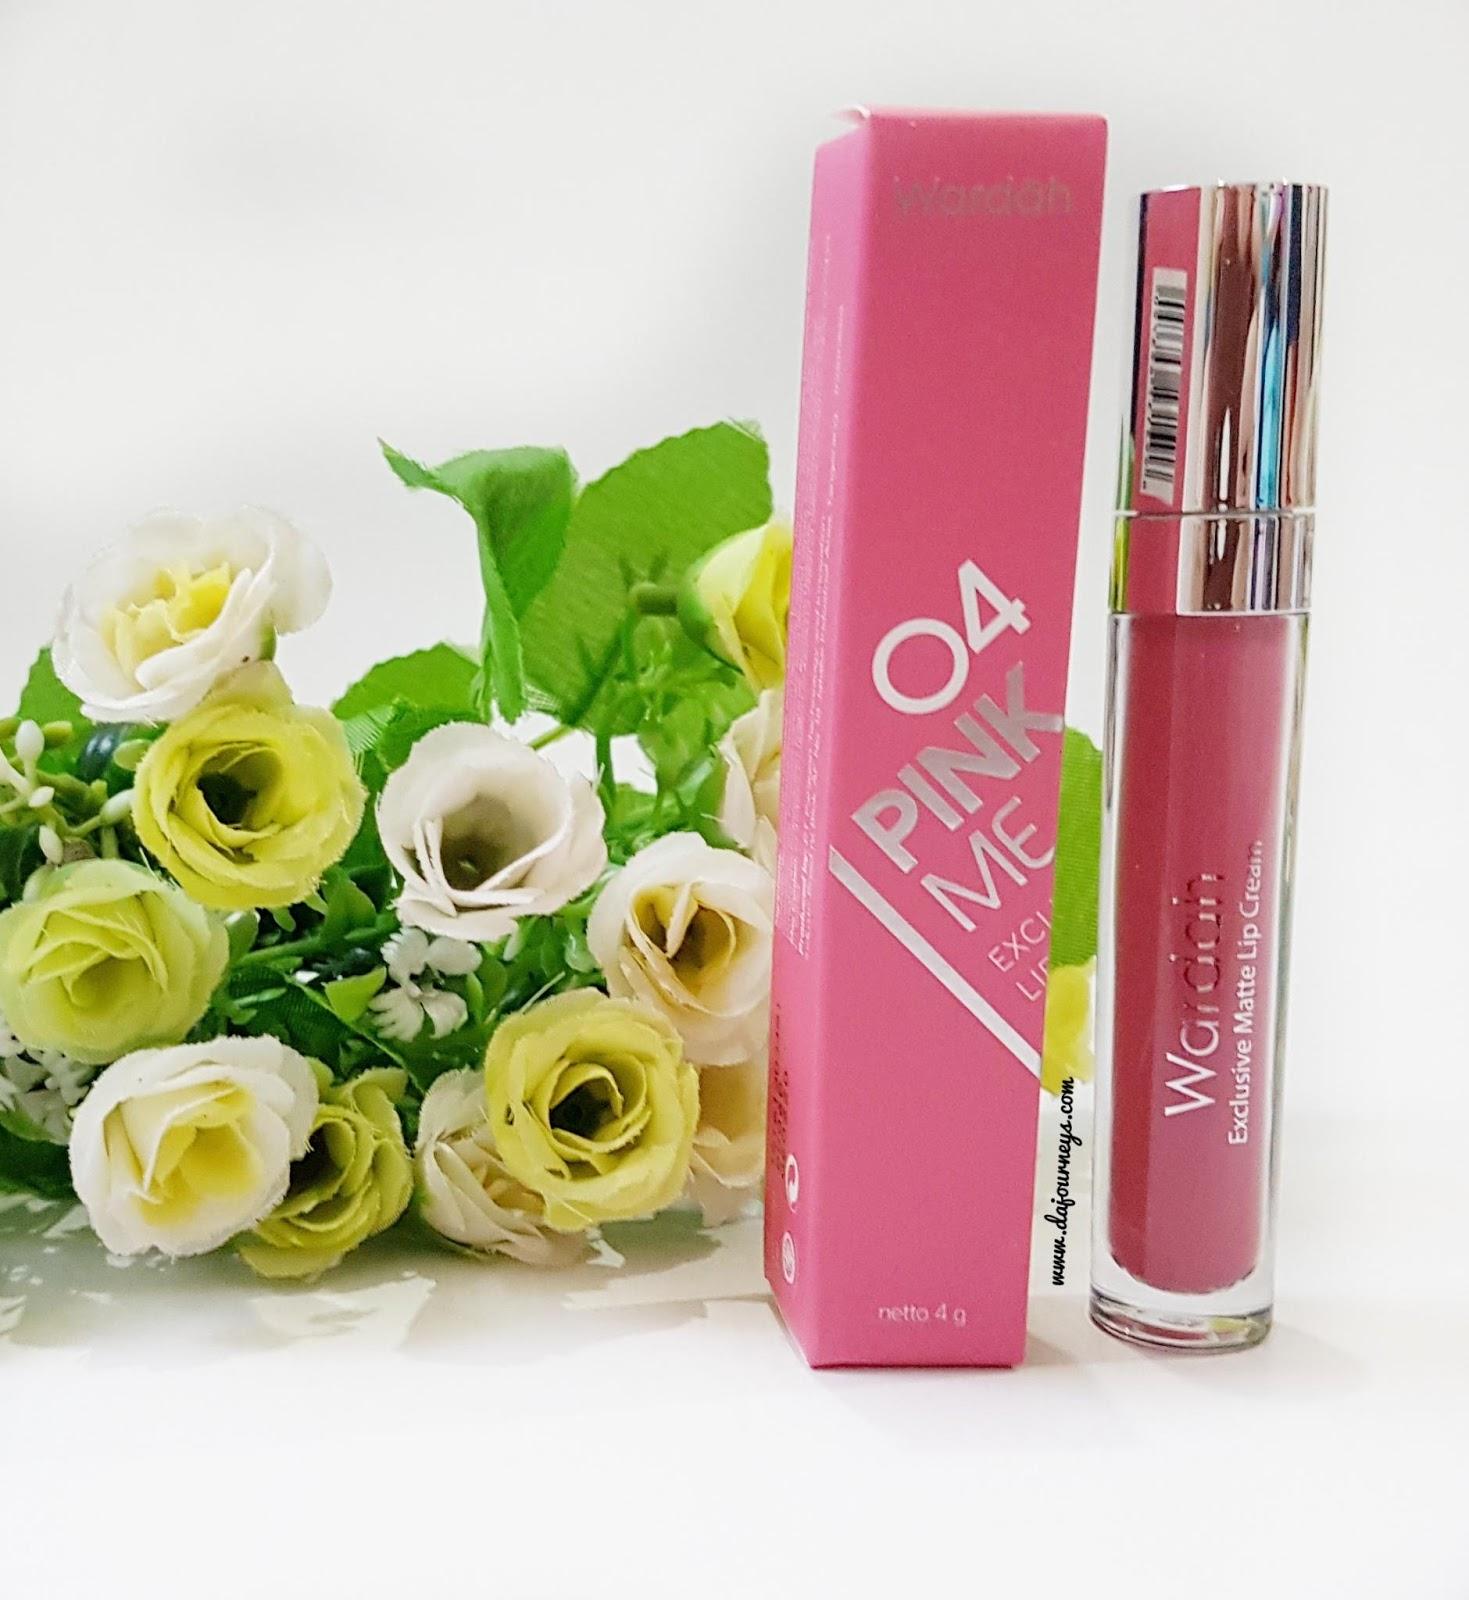 Review Wardah Exclusive Matte Lip Cream 04 Pink Me Lipstick Pada Sisi Box Ada Keterangan Ingredients Logo Halal Mui Nomor Produksi Barcode Nama Shade Juga